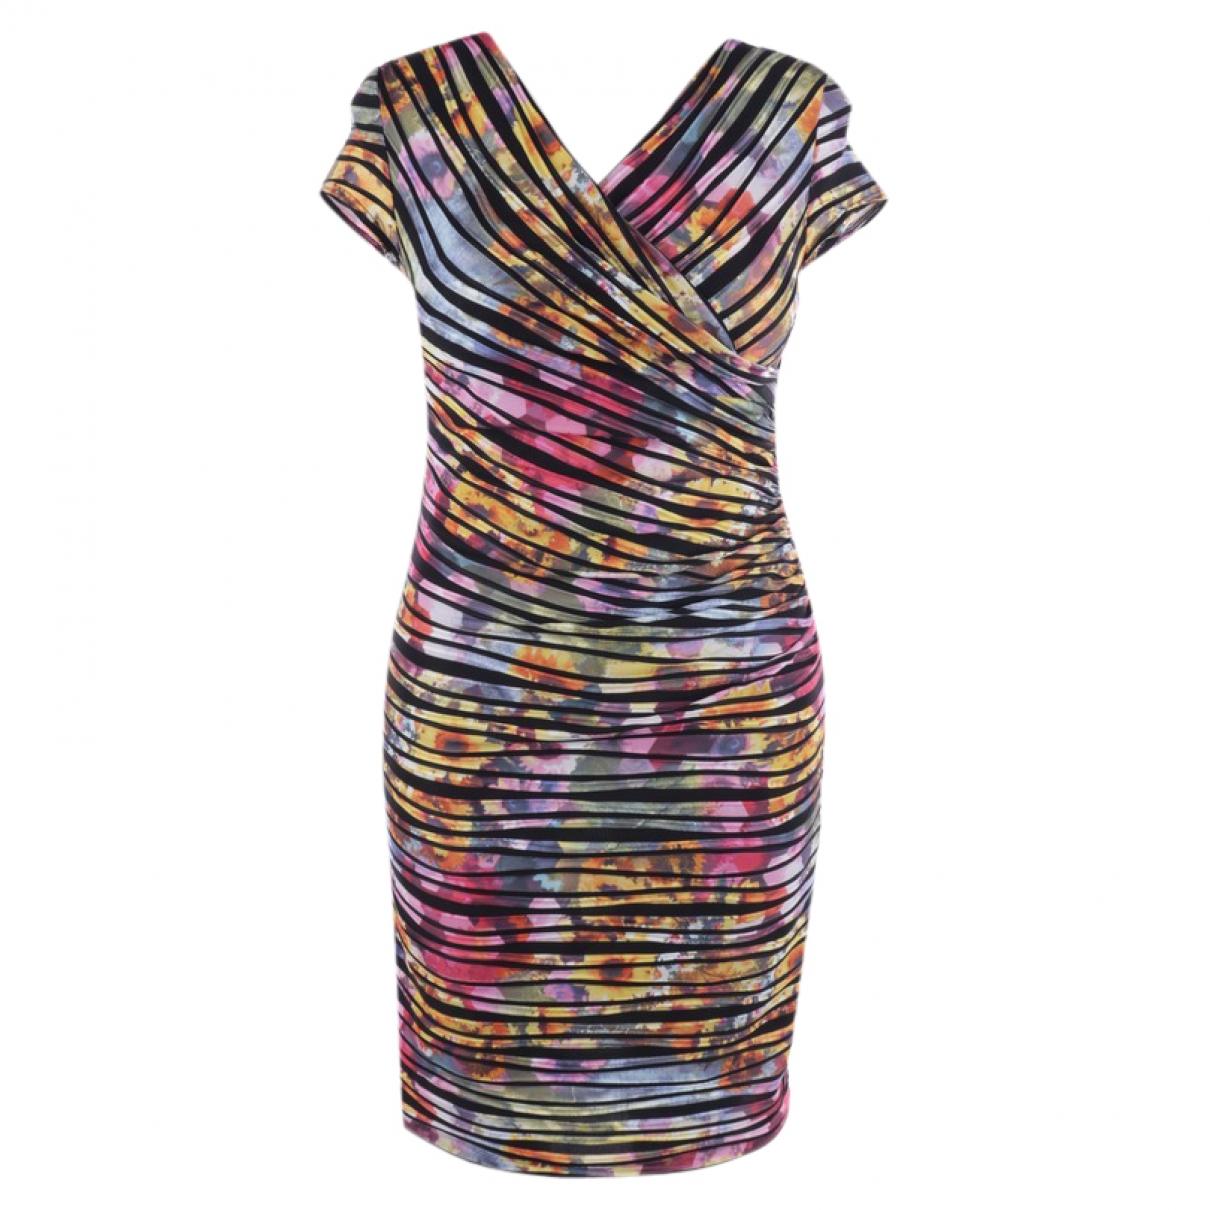 Joseph Ribkoff - Robe   pour femme - multicolore